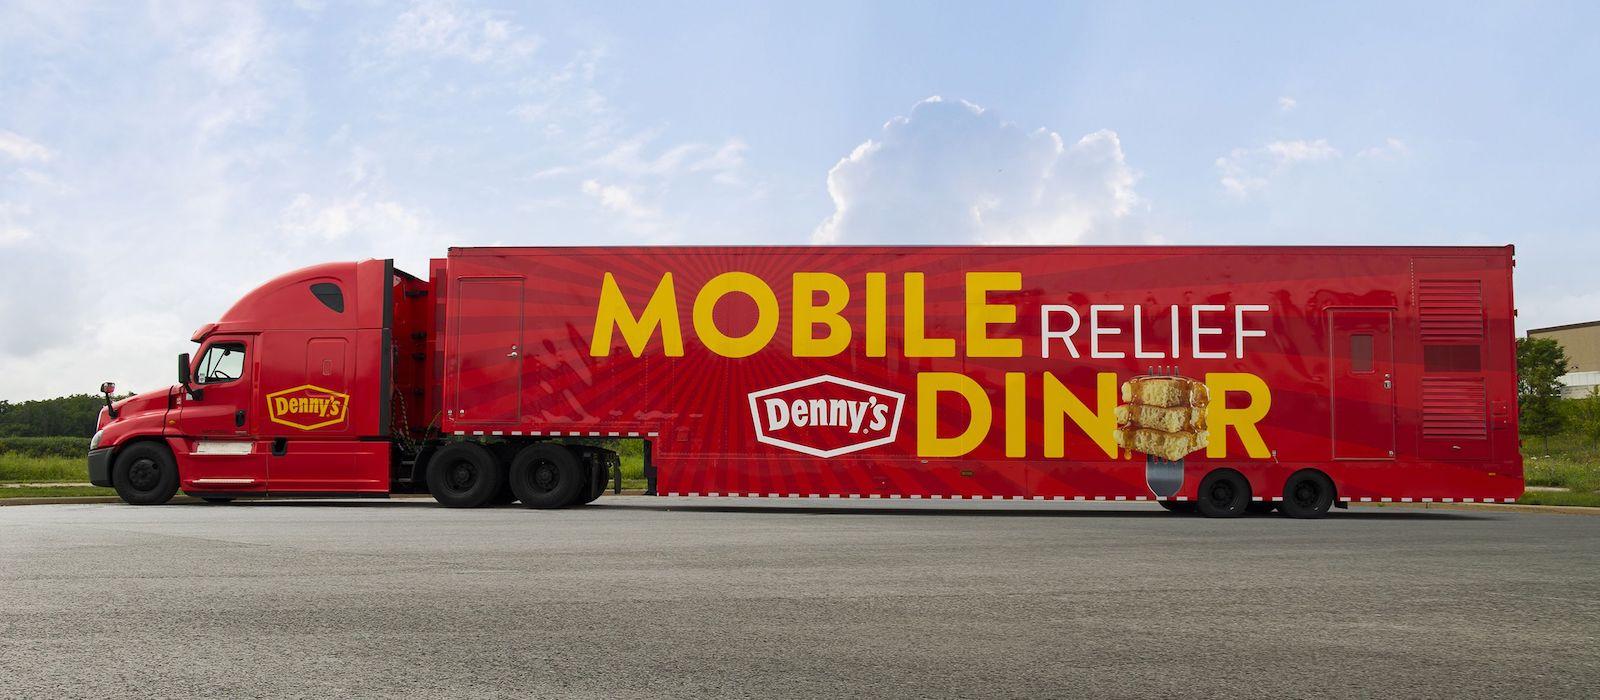 Mobilní jídelní vůz od restaurace Denny's nabízí pomoc obětem hurikánu Florence